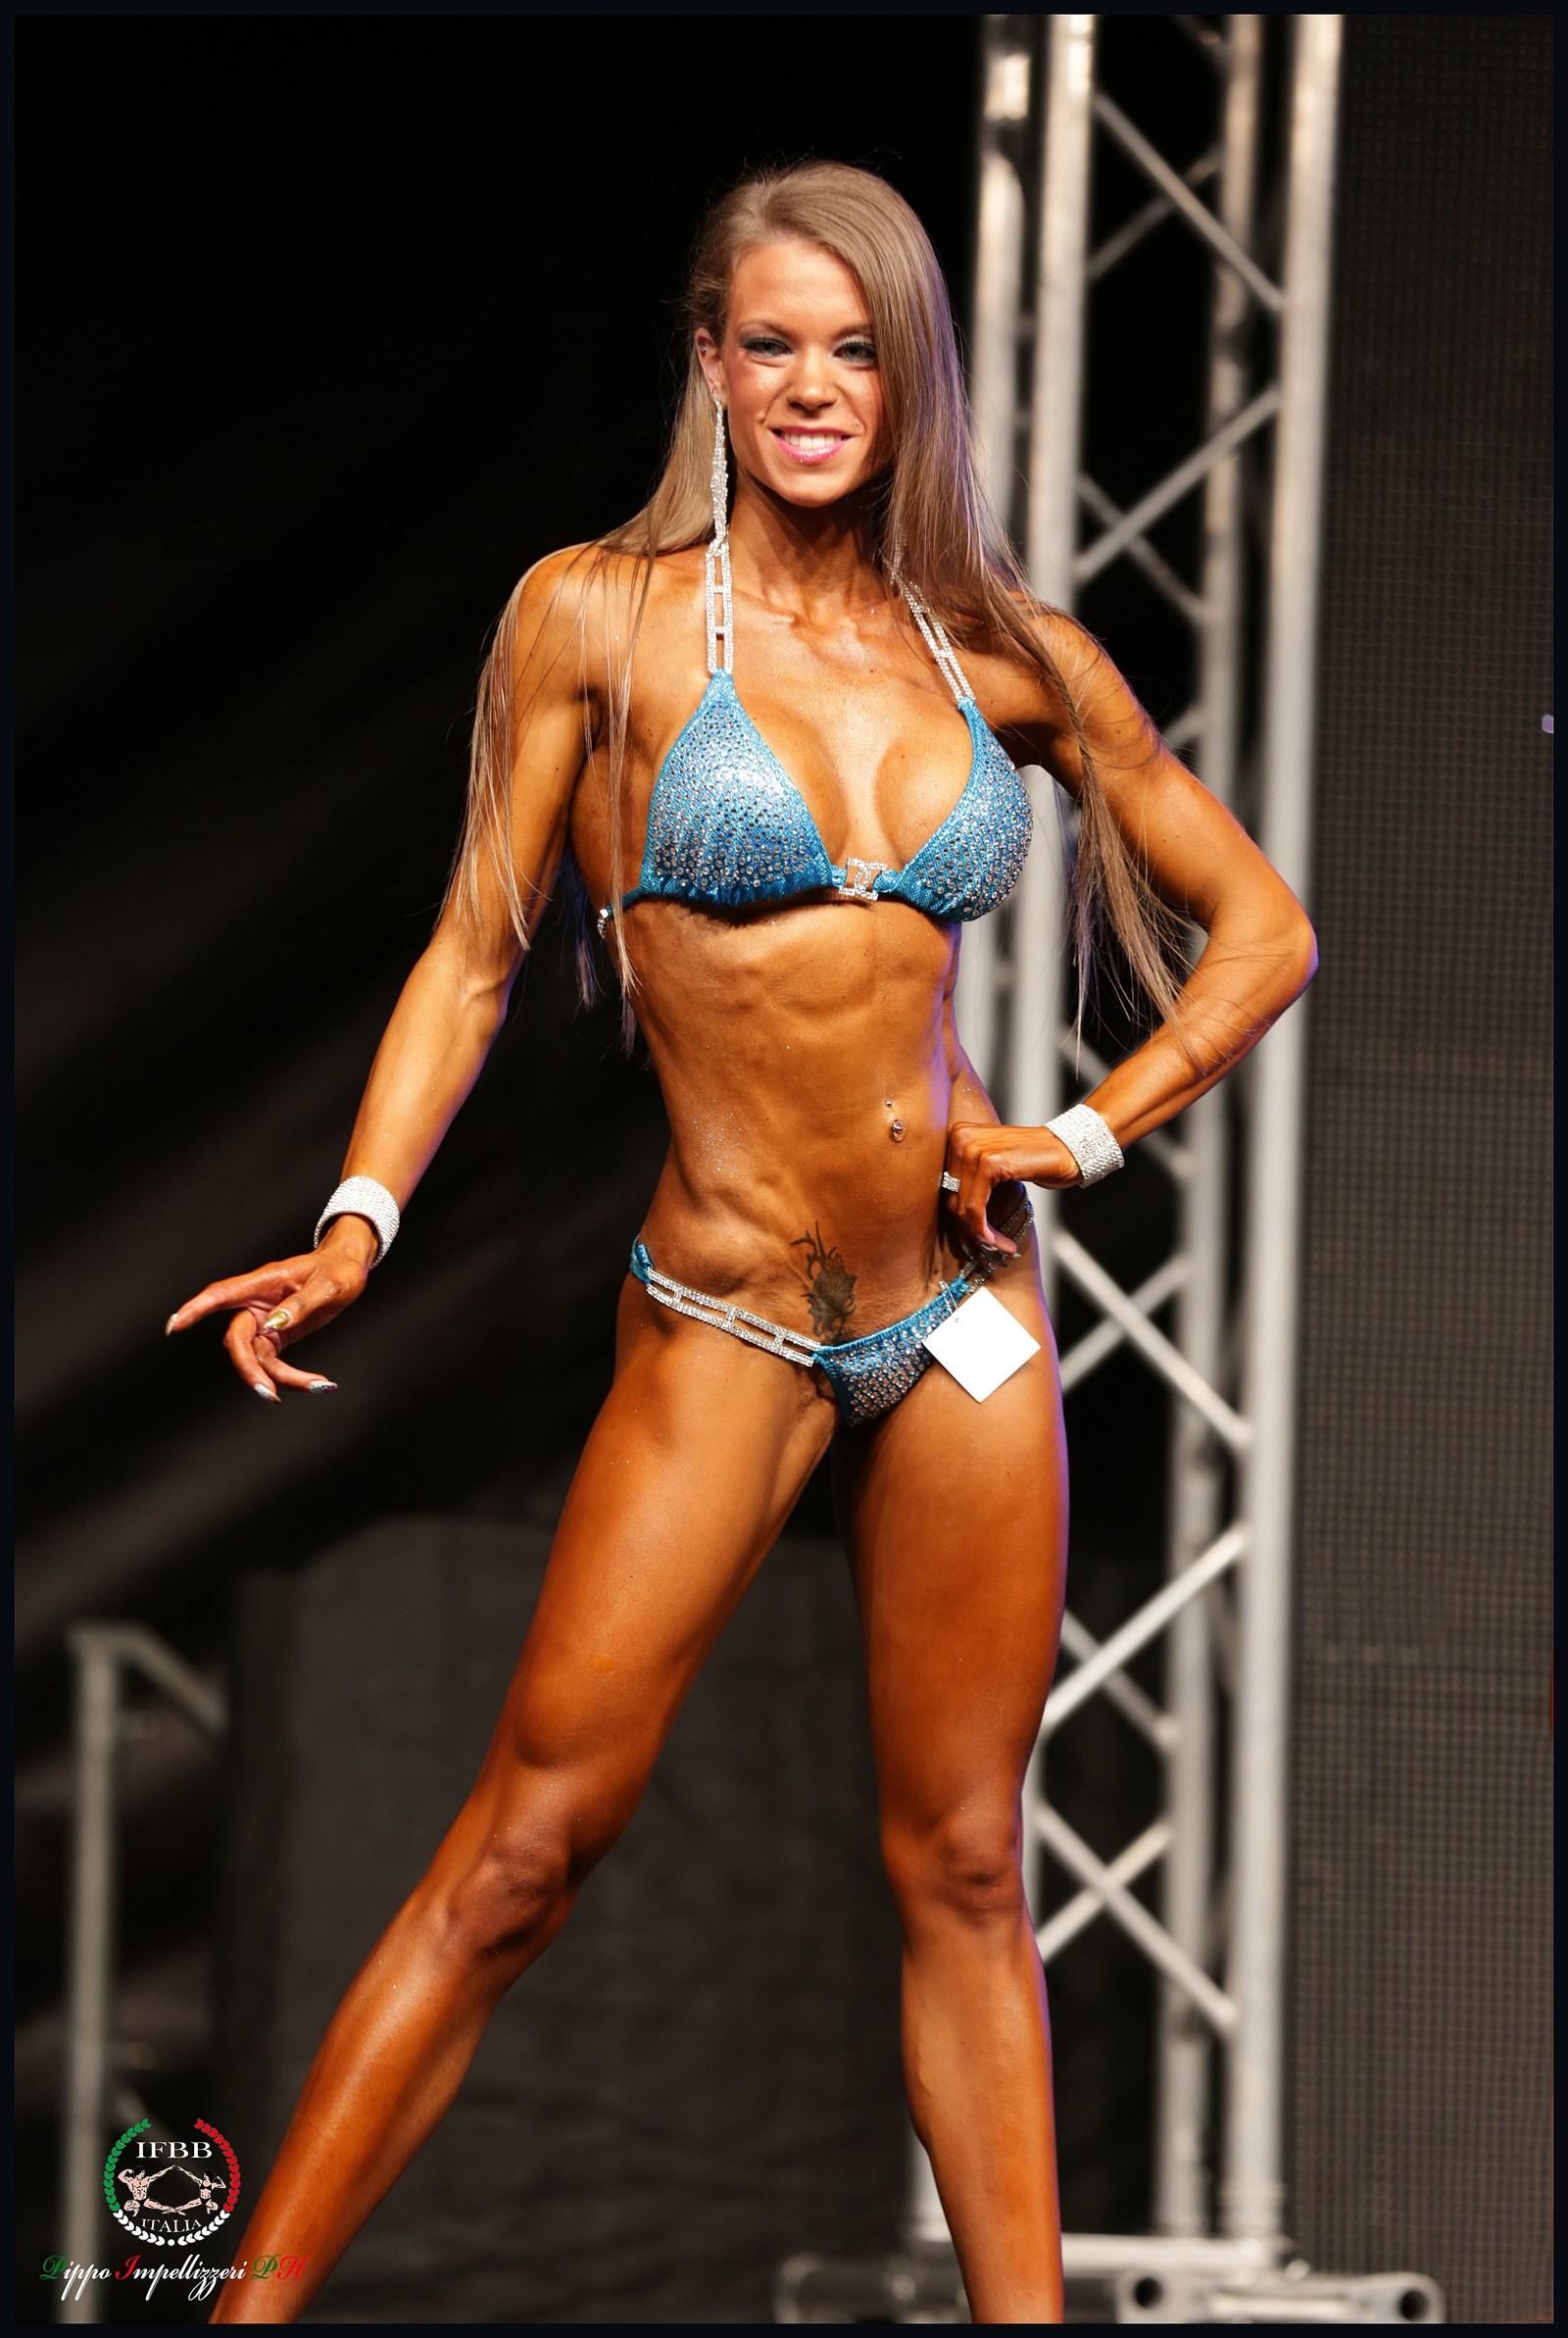 Alessia Facchin